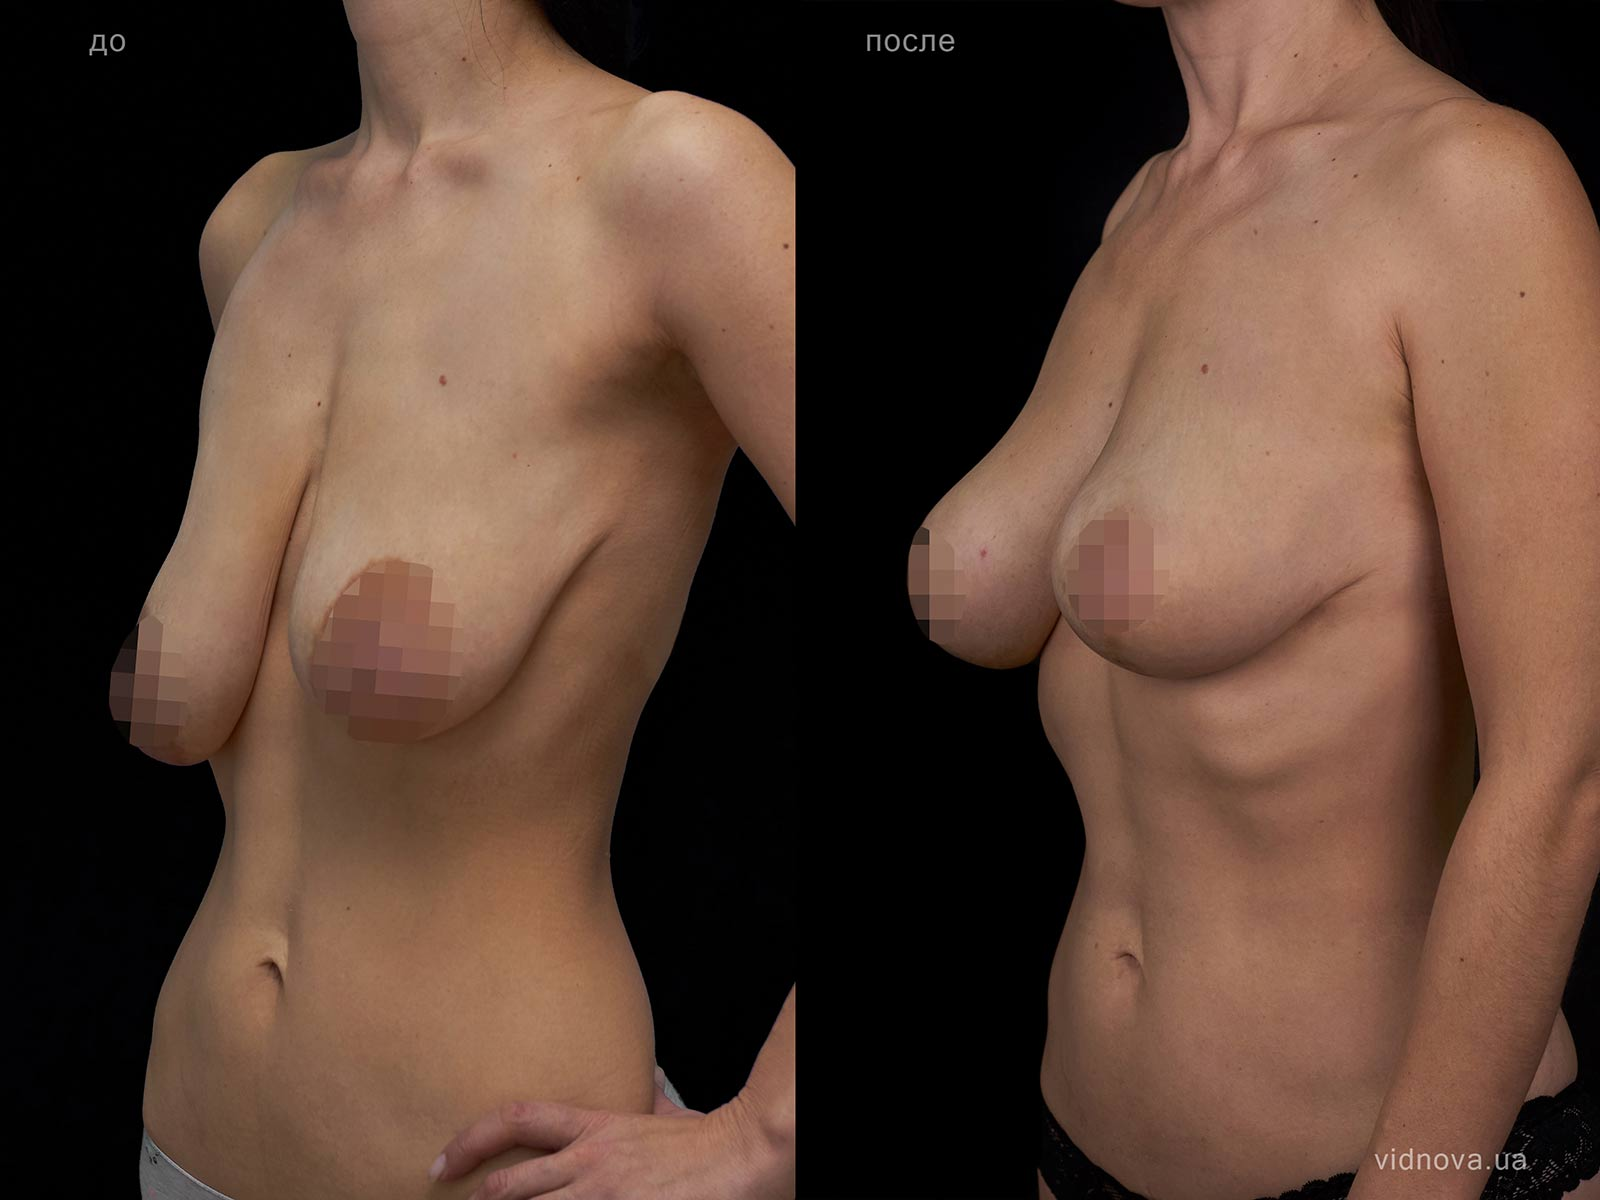 Пластика груди: результаты до и после - Пример №104-1 - Светлана Работенко